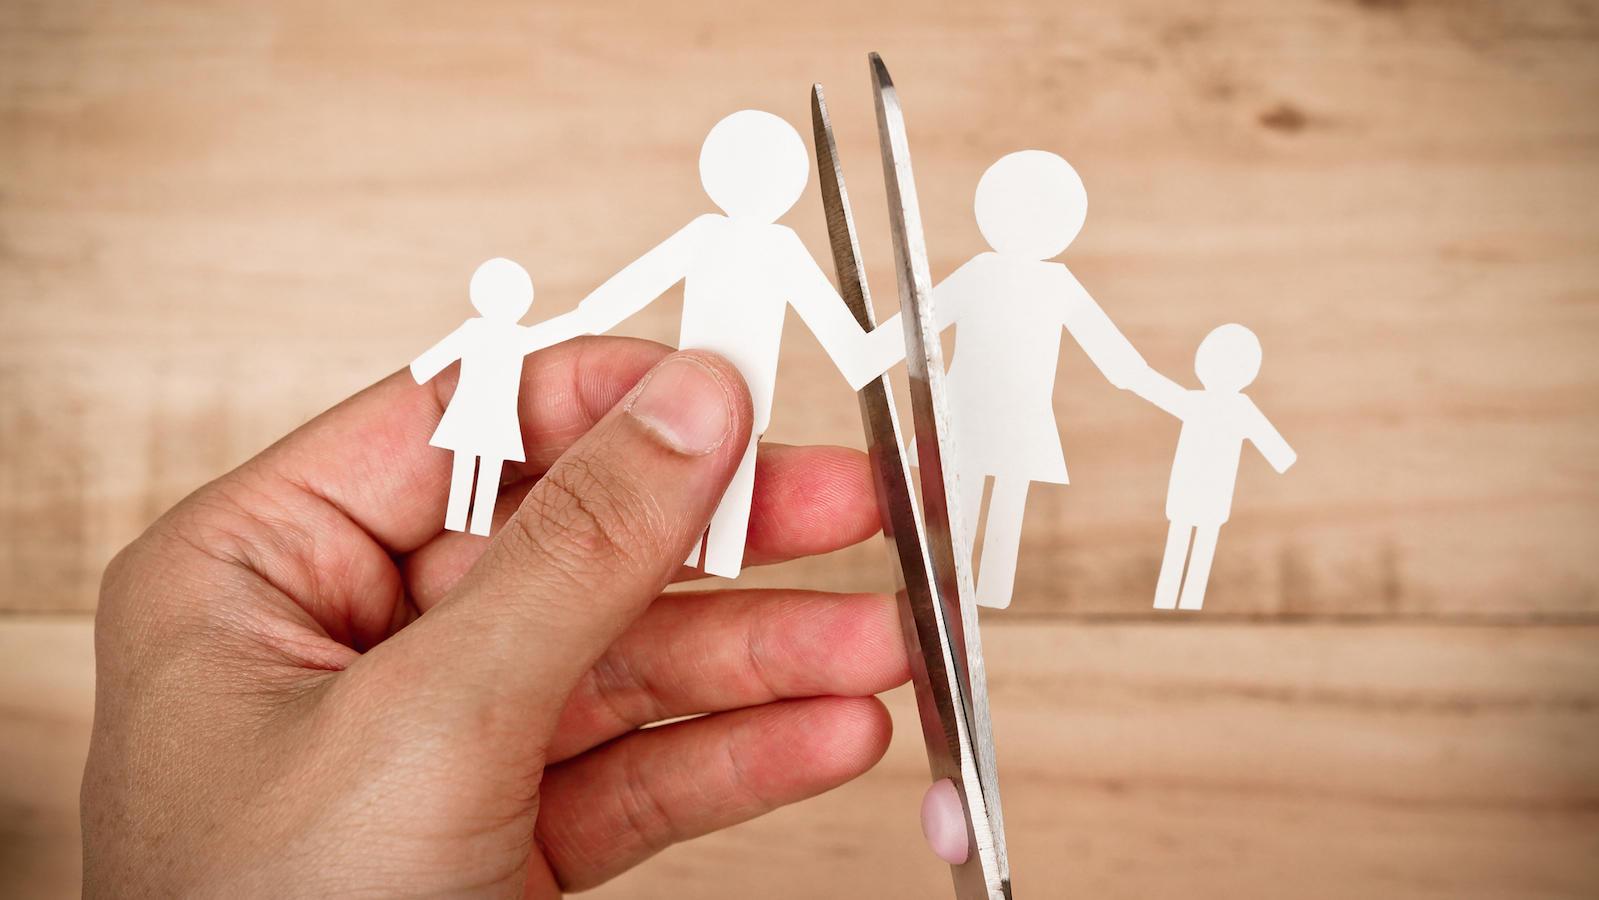 divorce-separation-broken-family-1599x900.jpg